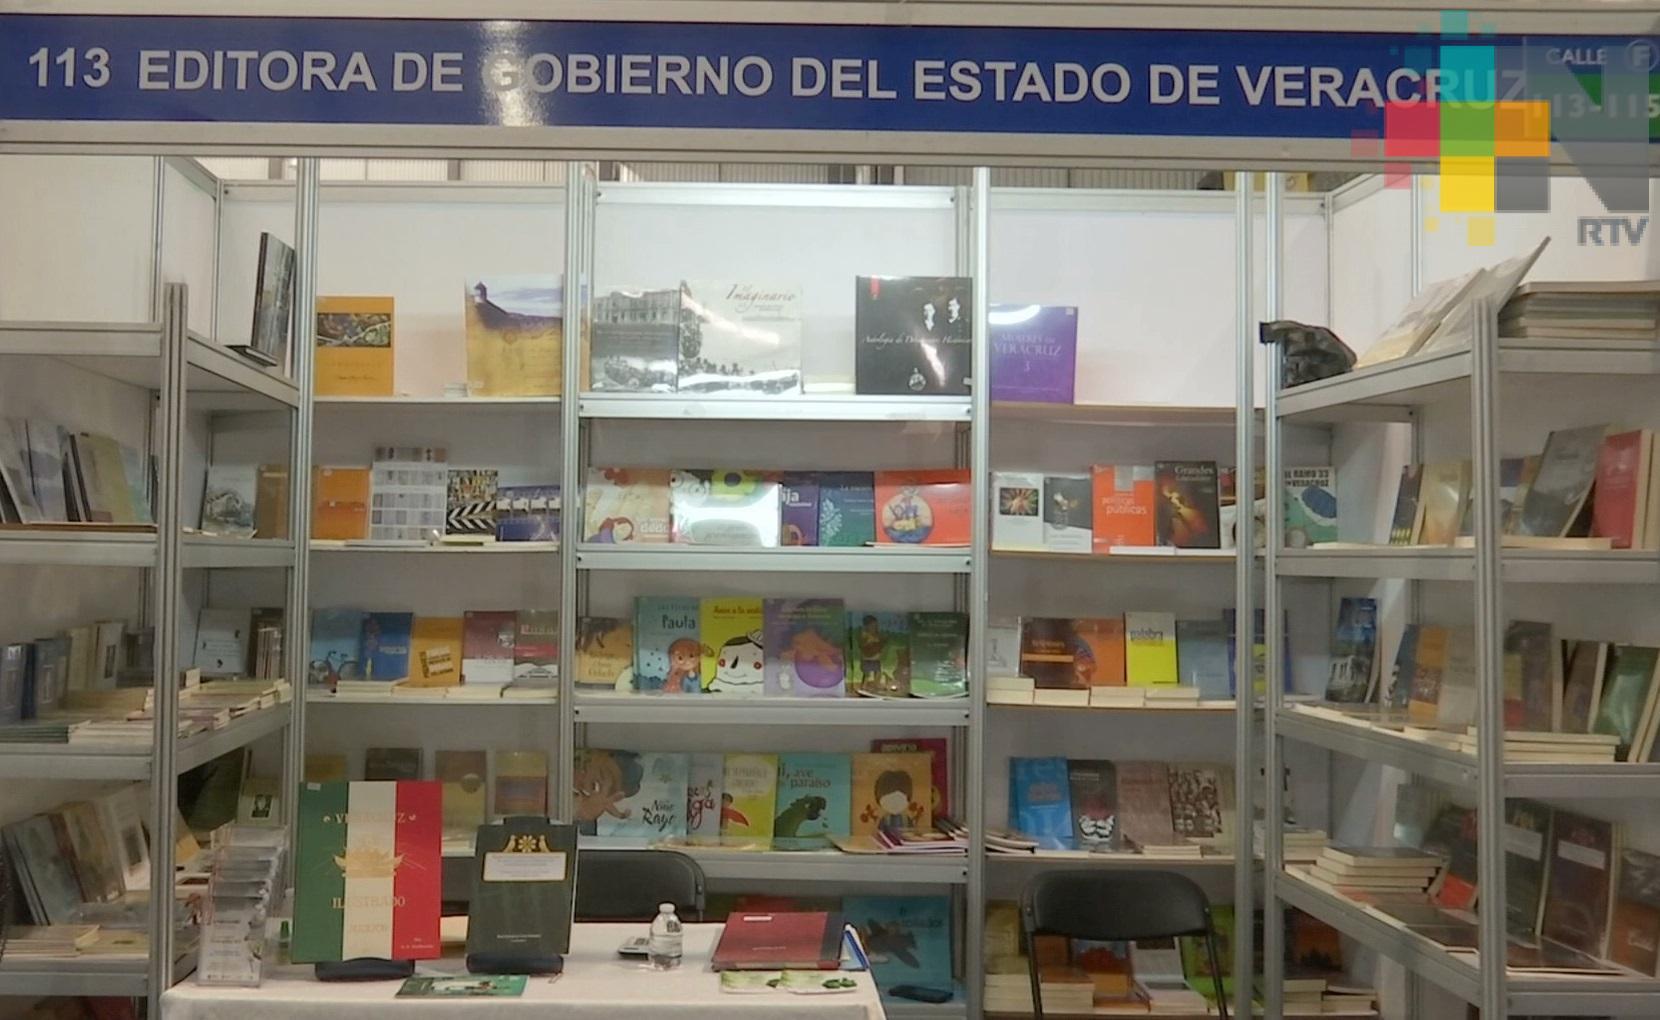 Convoca Editora de Gobierno a publicar libros fotográficos y novela gráfica